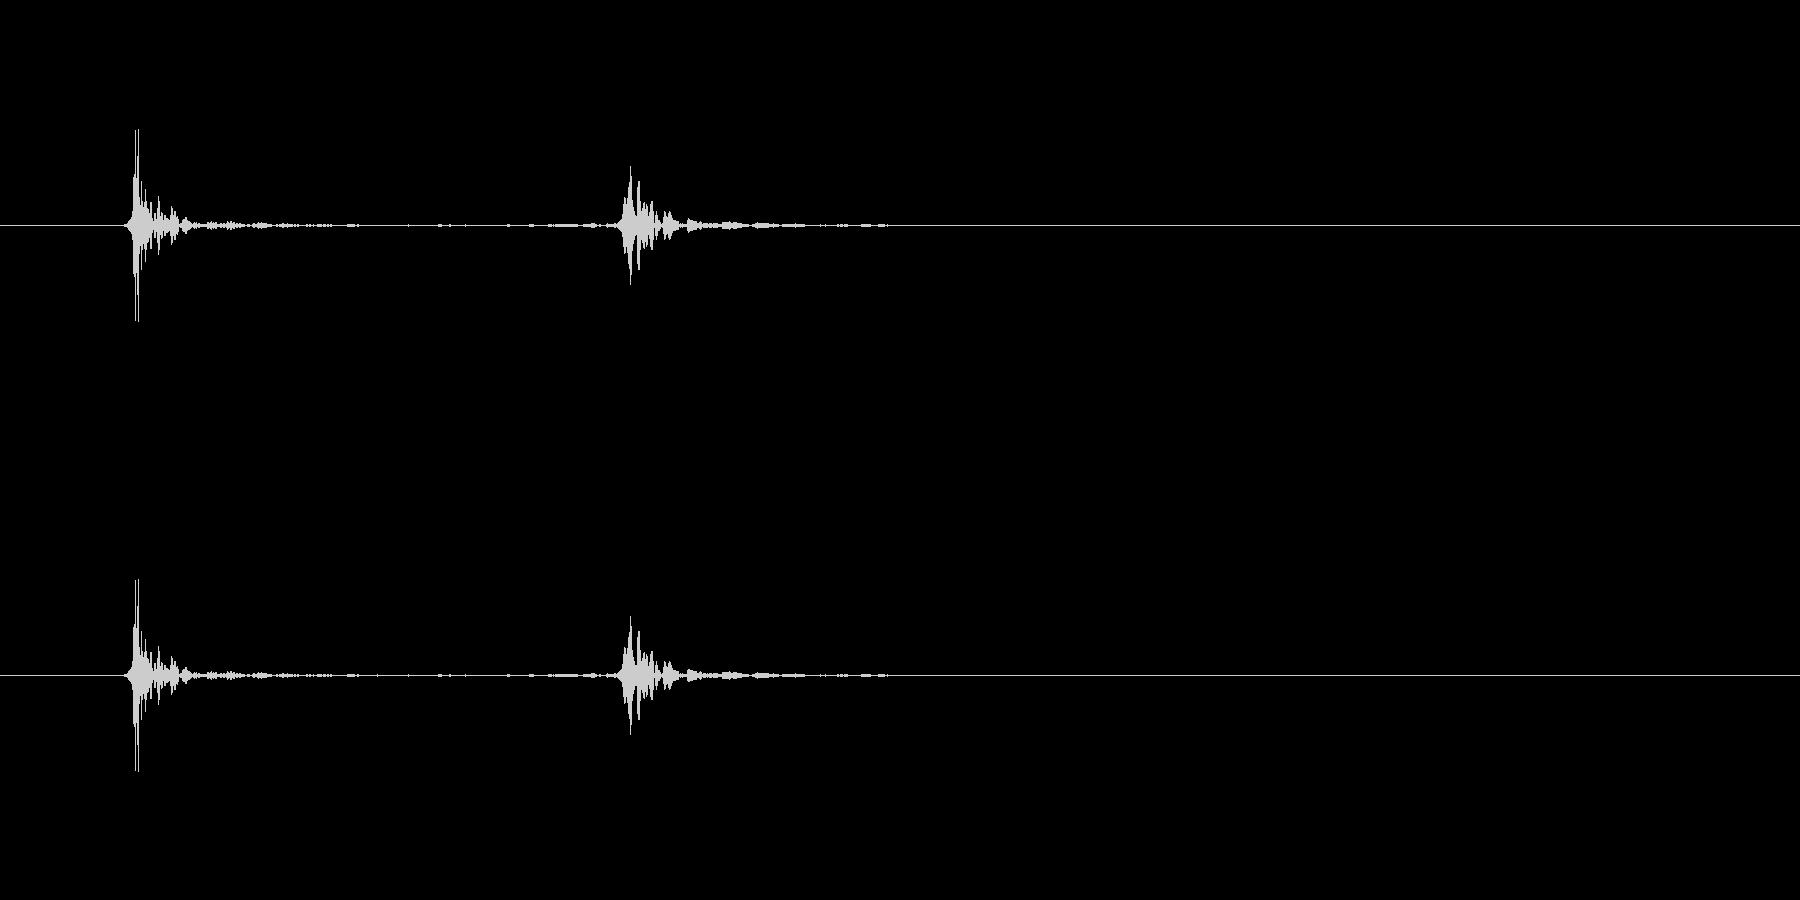 【生活音】マウスセンターボタンクリックの未再生の波形